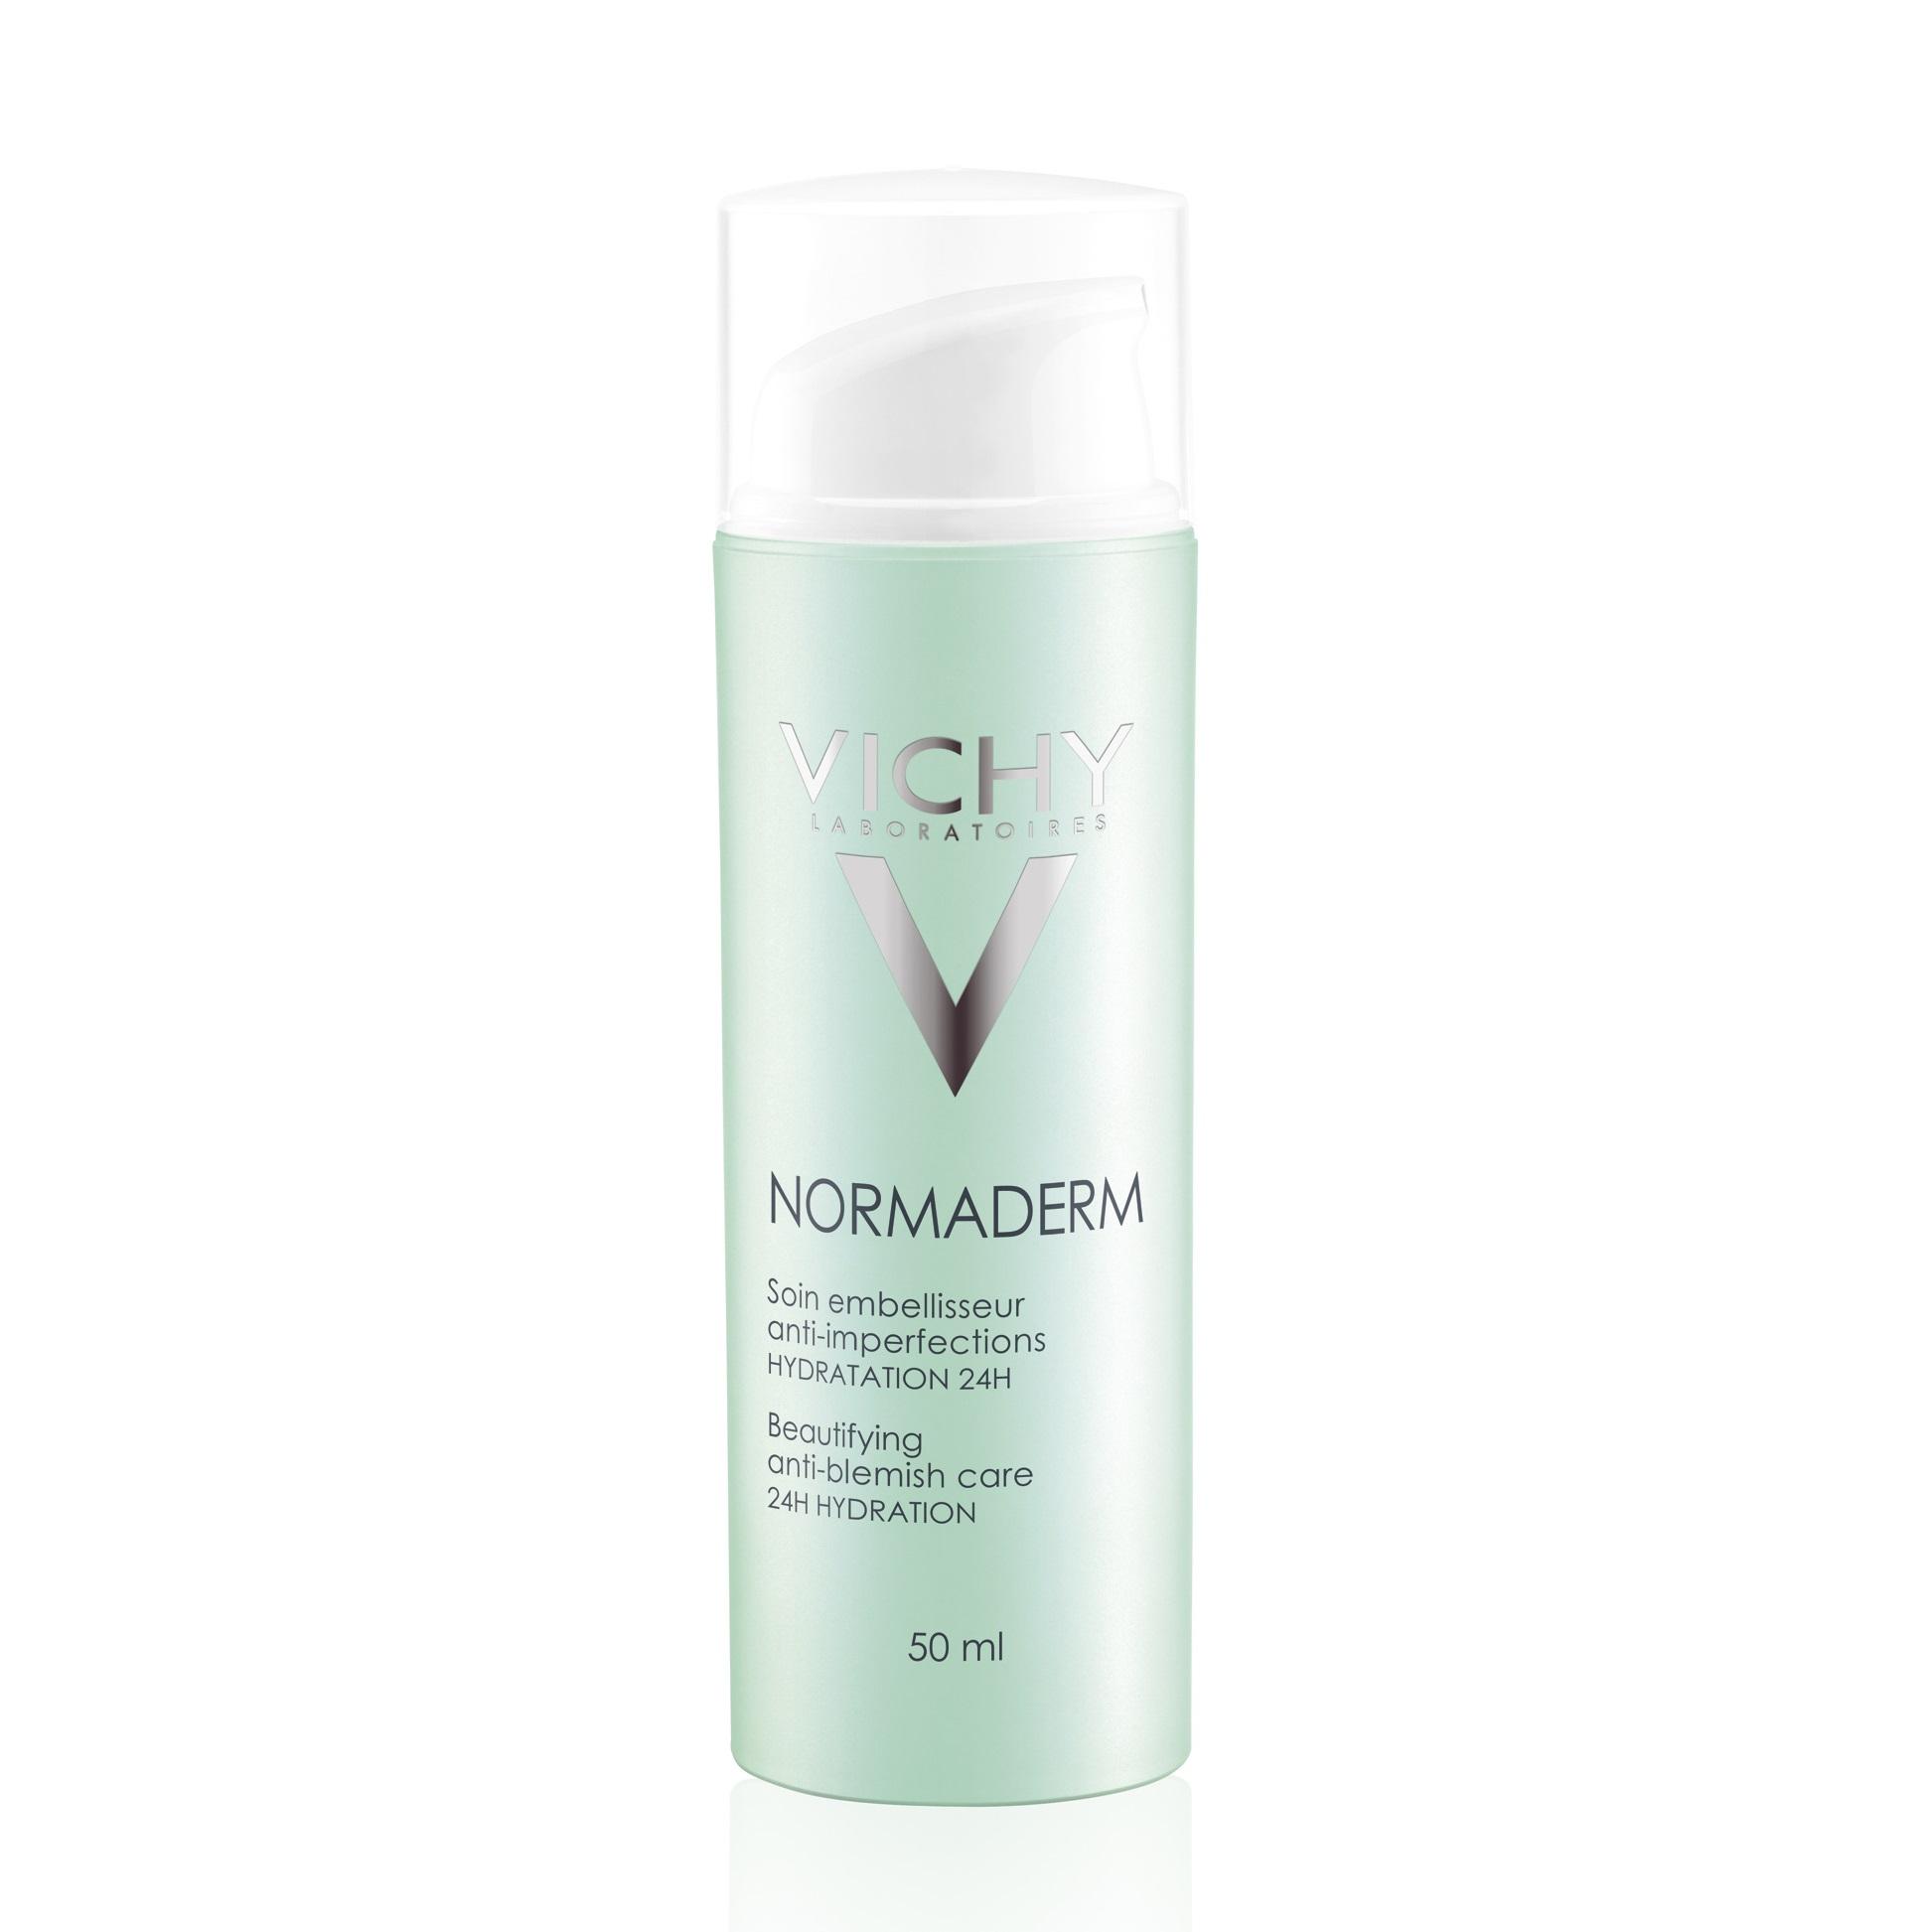 Cremăhidratantăpentruîngrijirea tenului cu probleme cu efect de înfrumusețare Normaderm, 50 ml, Vichy